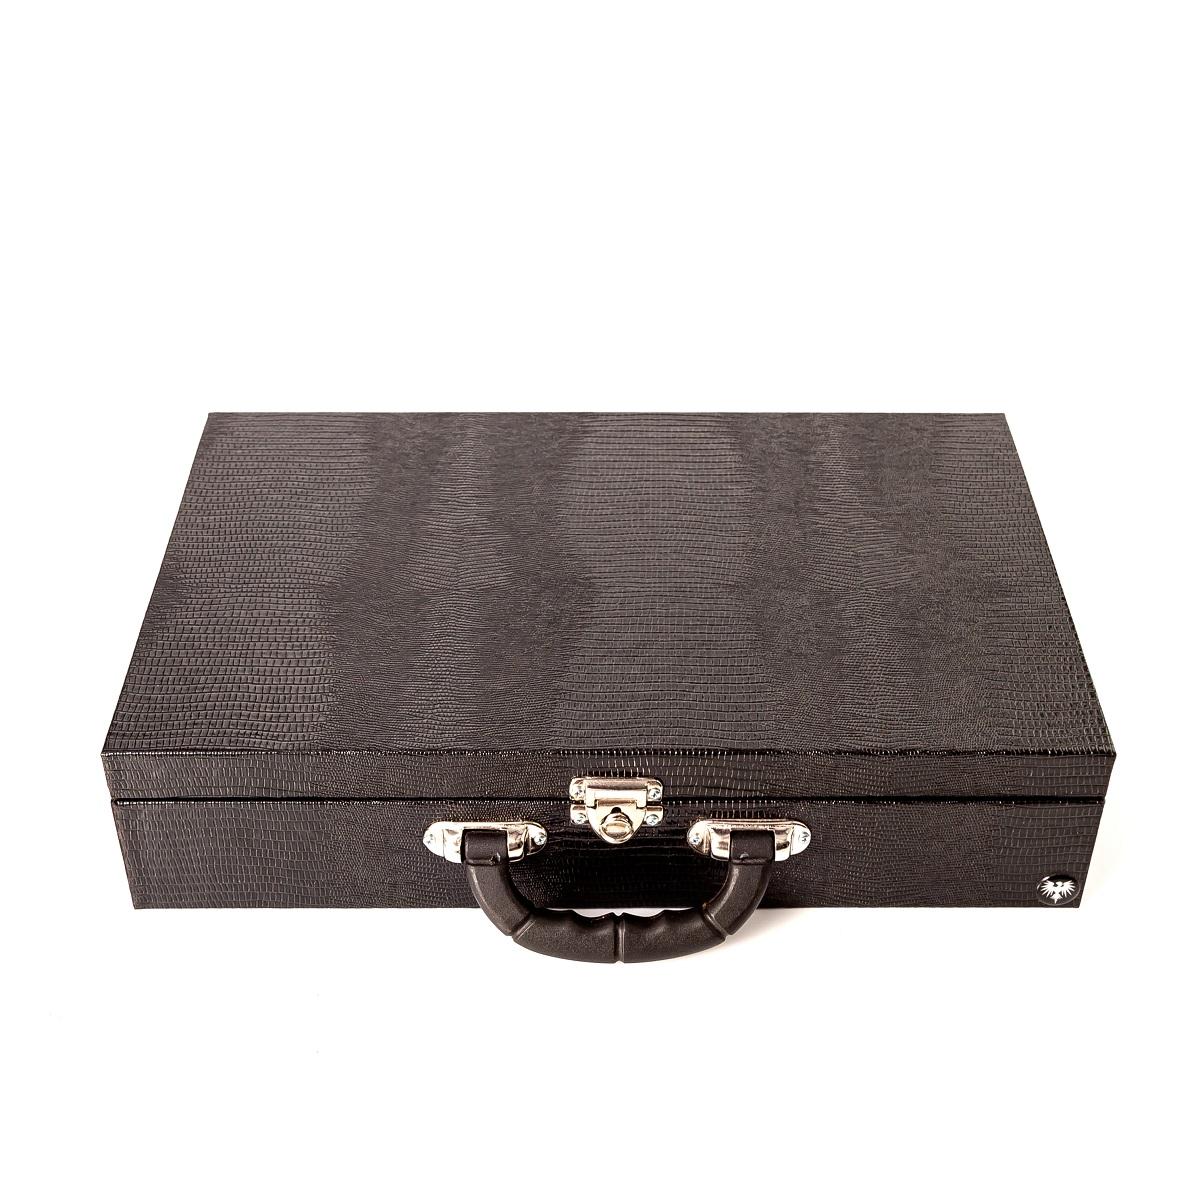 maleta-porta-relogio-21-nichos-couro-ecologico-preto-vermelho-imagem-5.jpg